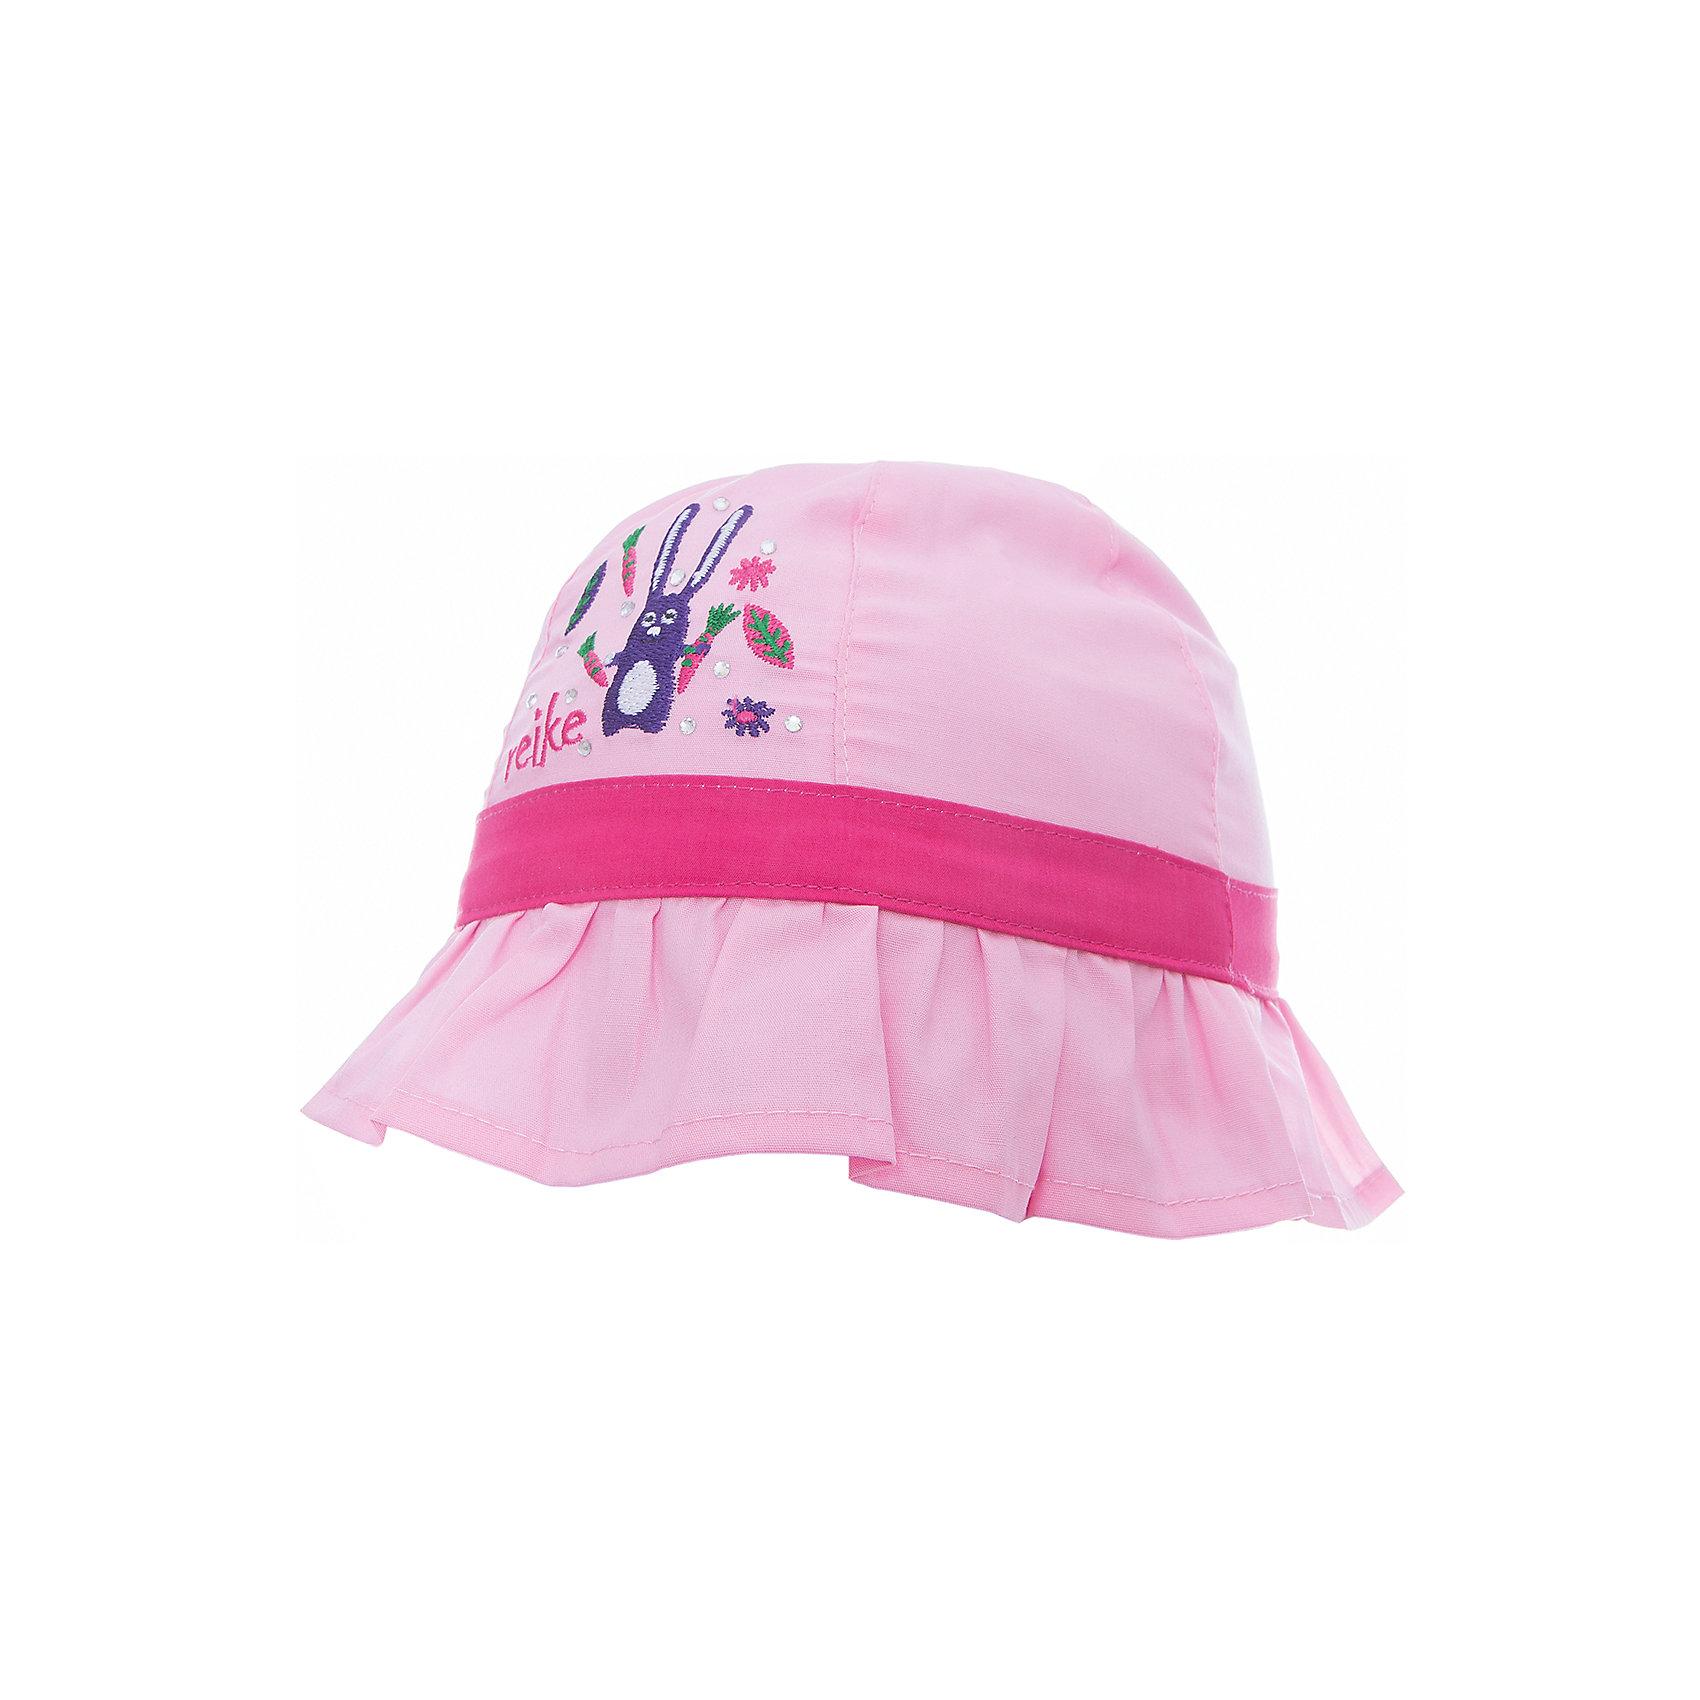 Панама Reike для девочкиШапки и шарфы<br>Характеристики товара:<br><br>• цвет: розовый<br>• состав: 100% хлопок<br>• декорирована вышивкой и стразами<br>• мягкий материал<br>• страна бренда: Финляндия<br><br>Новая коллекция от известного финского производителя Reike отличается ярким дизайном, продуманностью и комфортом! Эта модель разработана специально для детей - она учитывает особенности их физиологии, а также новые тенденции в европейской моде. Стильная и удобная вещь!<br><br>Панаму для девочки от популярного бренда Reike можно купить в нашем интернет-магазине.<br><br>Ширина мм: 89<br>Глубина мм: 117<br>Высота мм: 44<br>Вес г: 155<br>Цвет: розовый<br>Возраст от месяцев: 6<br>Возраст до месяцев: 9<br>Пол: Женский<br>Возраст: Детский<br>Размер: 46,50,48<br>SKU: 5430540